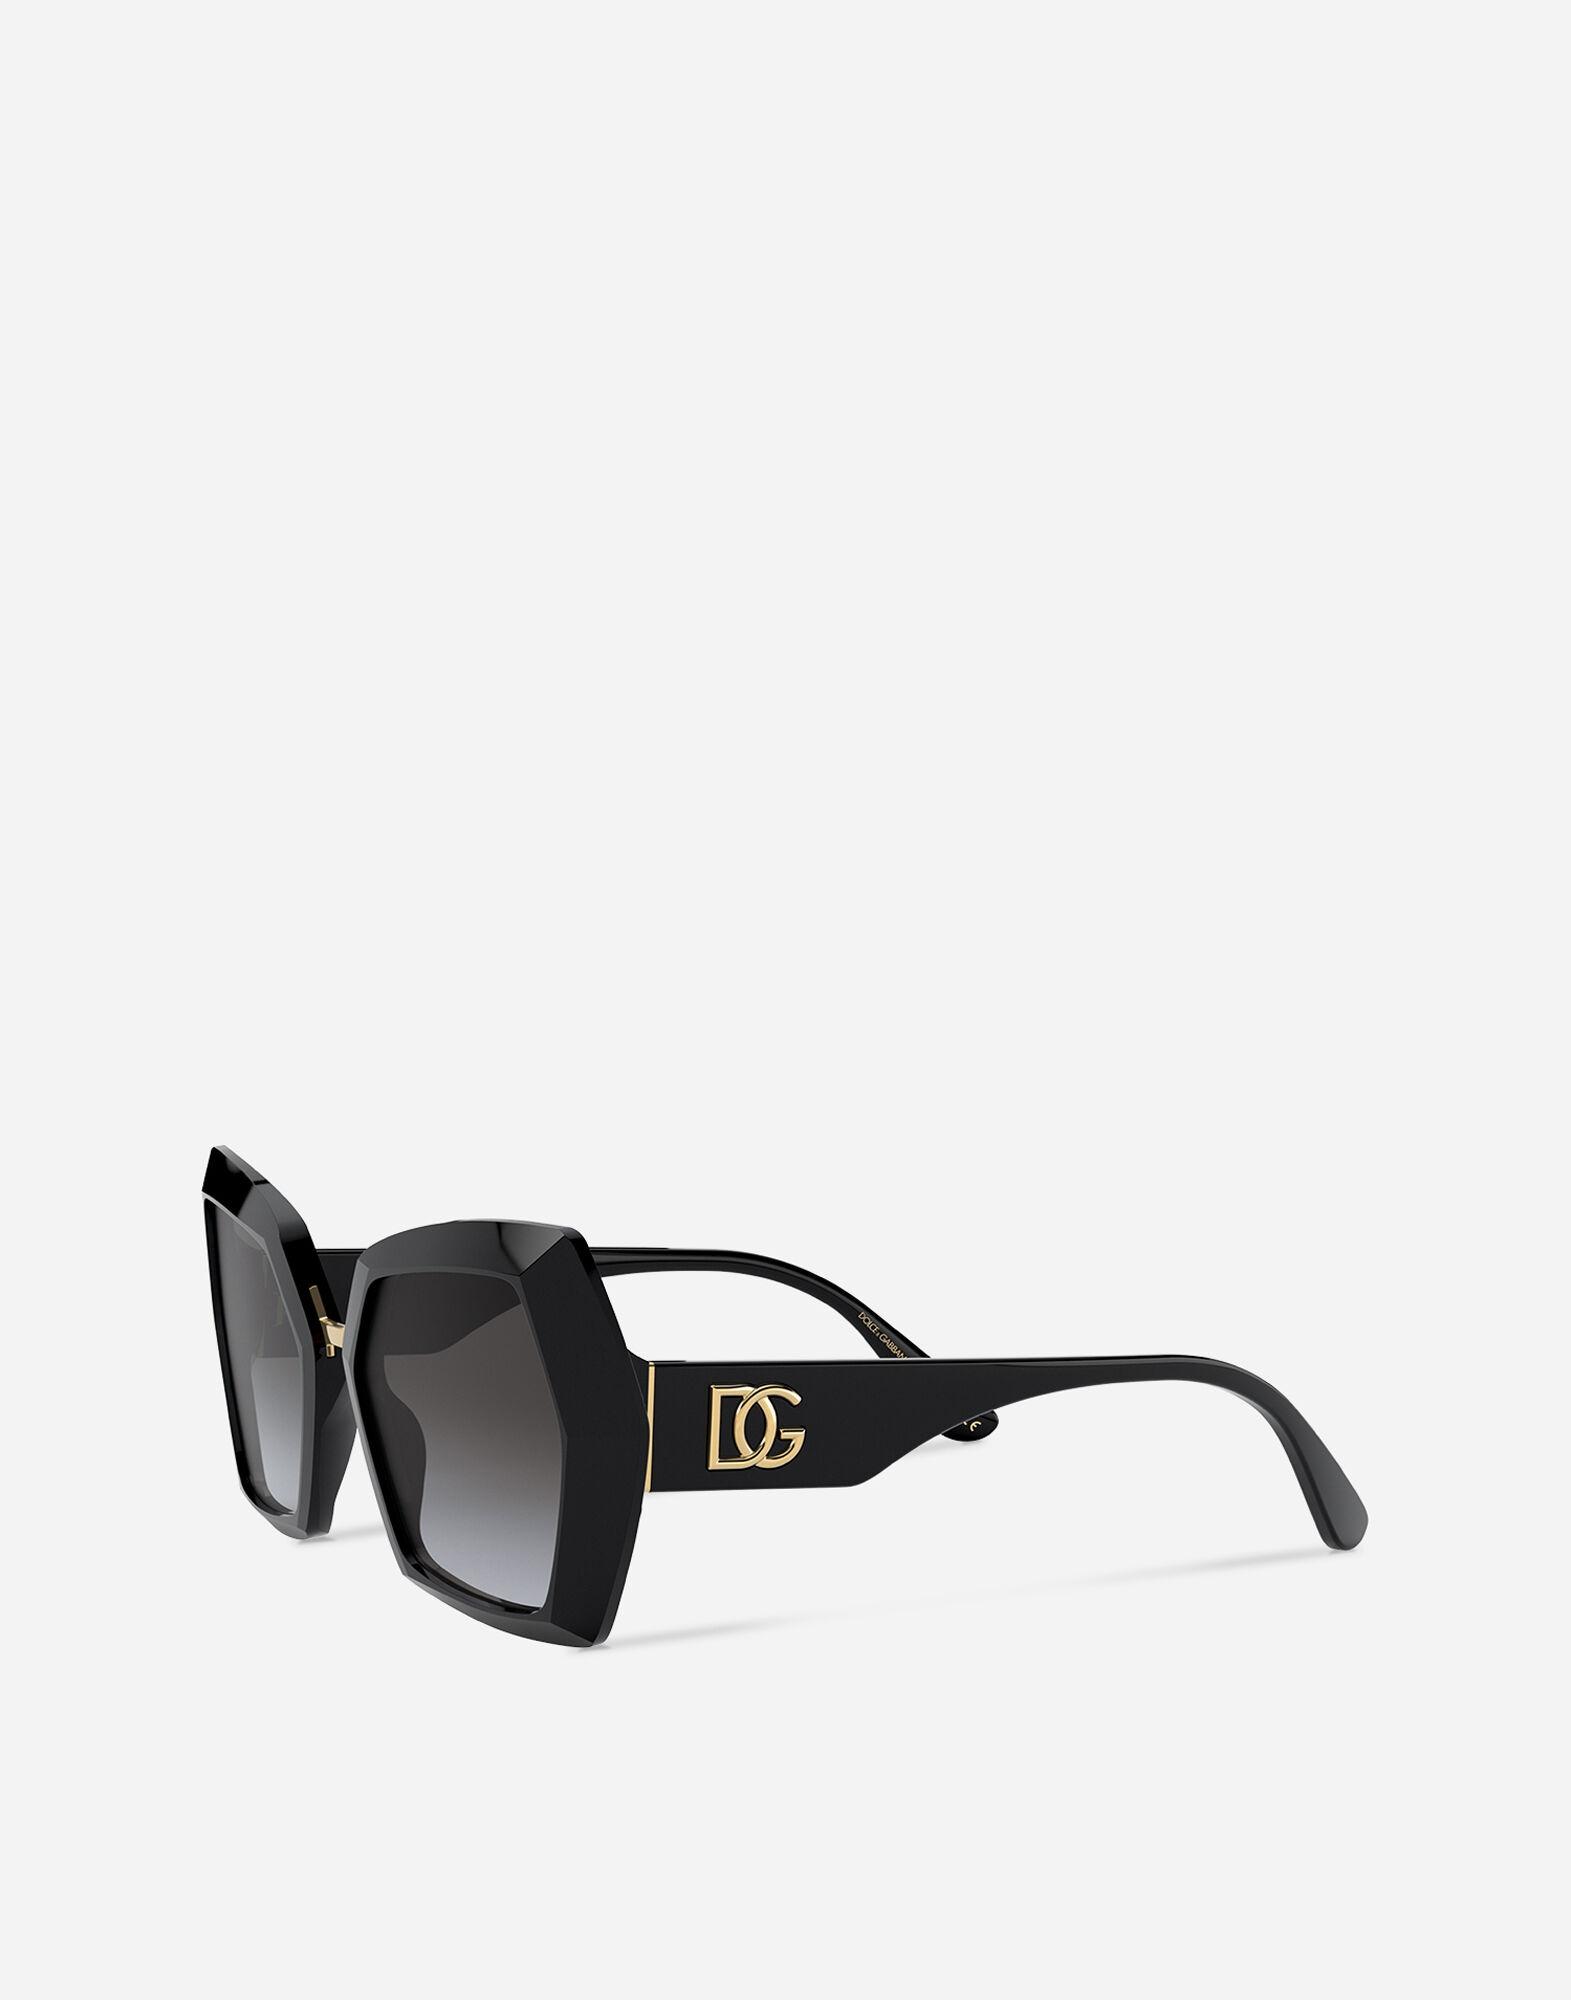 Mắt kính đen to bản Dolce & Gabbana